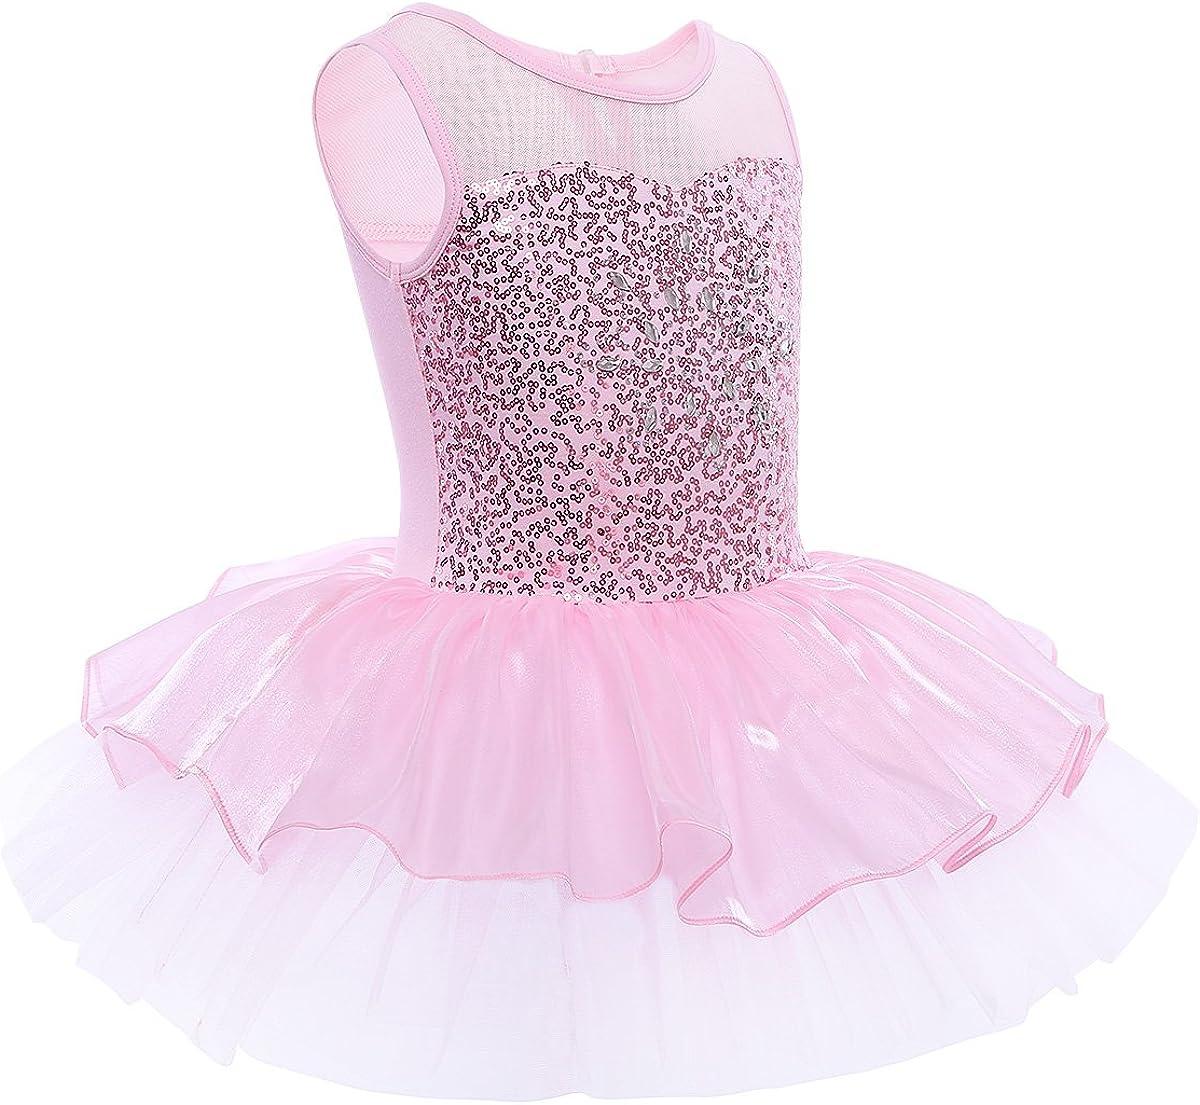 IEFIEL Maillot Tut/ú Vestido de Ballet Danza Fiesta Actuaci/ón Princesa Vestido con Lentejuela Brillante con Braga Interior para Ni/ña 3-10 A/ños